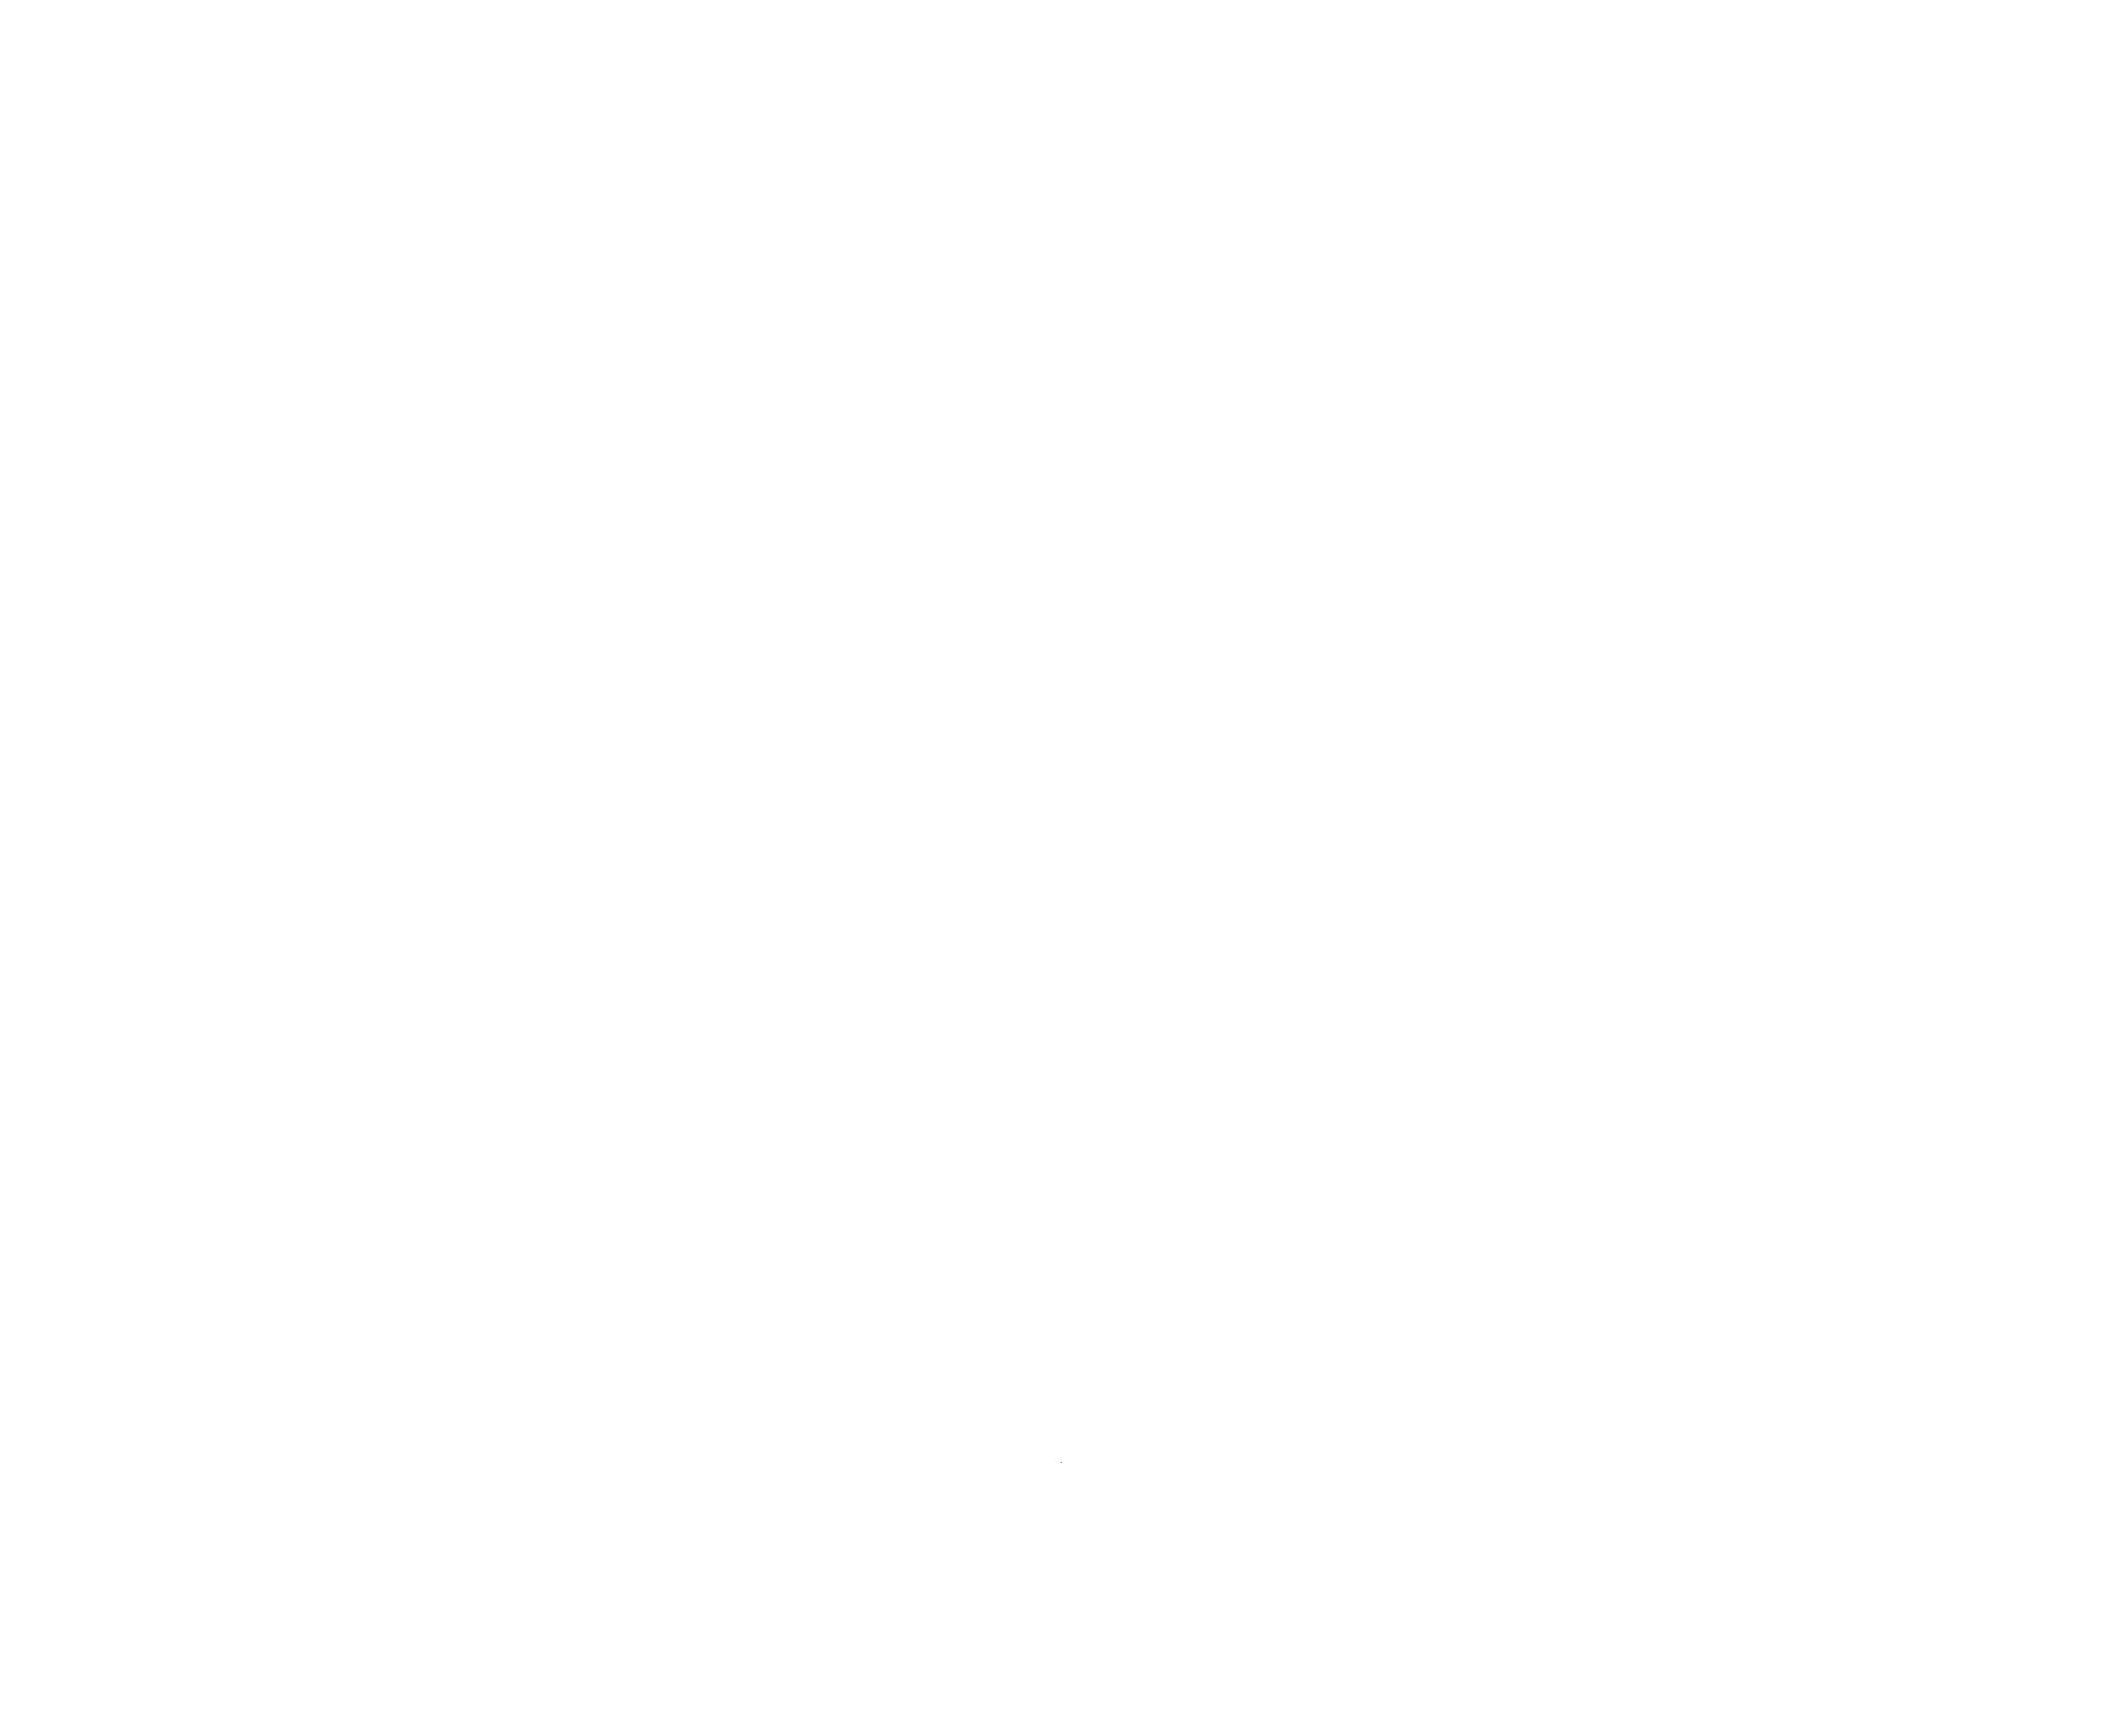 臨床研究支援事業